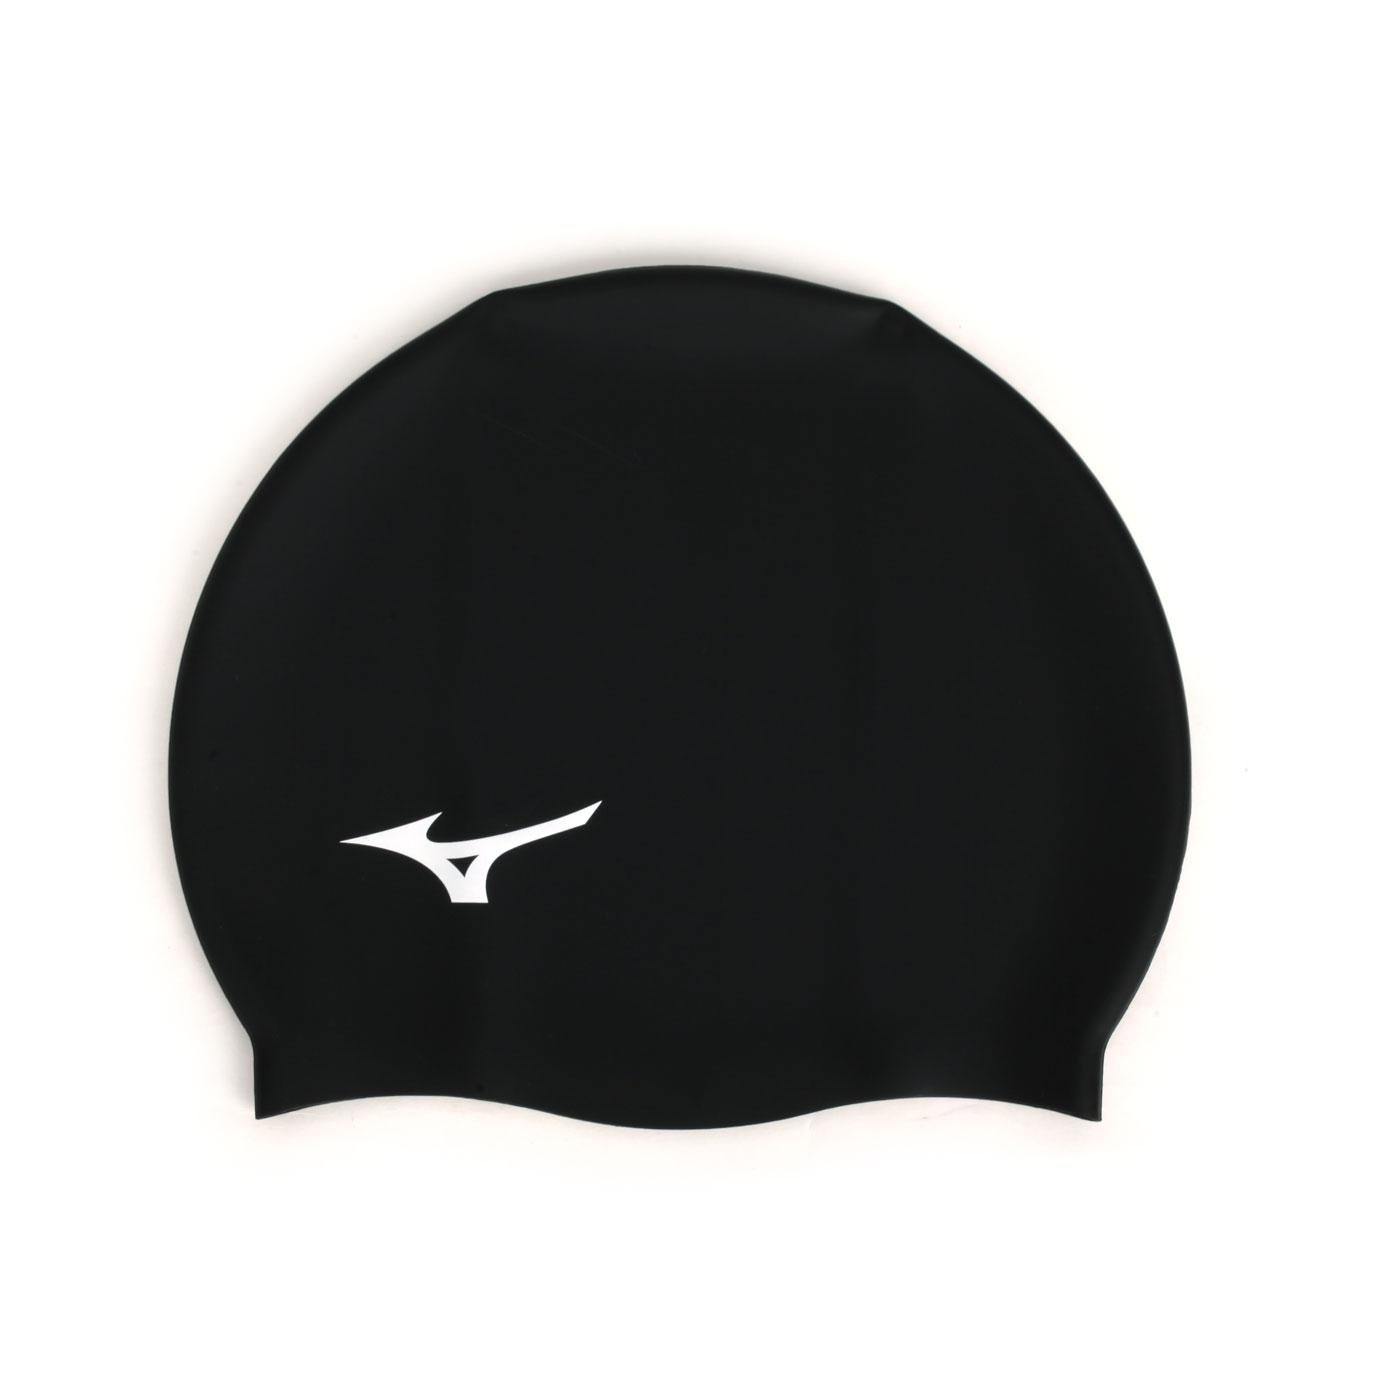 MIZUNO 矽膠泳帽  SWIMN2JW914000-01 - 黑白